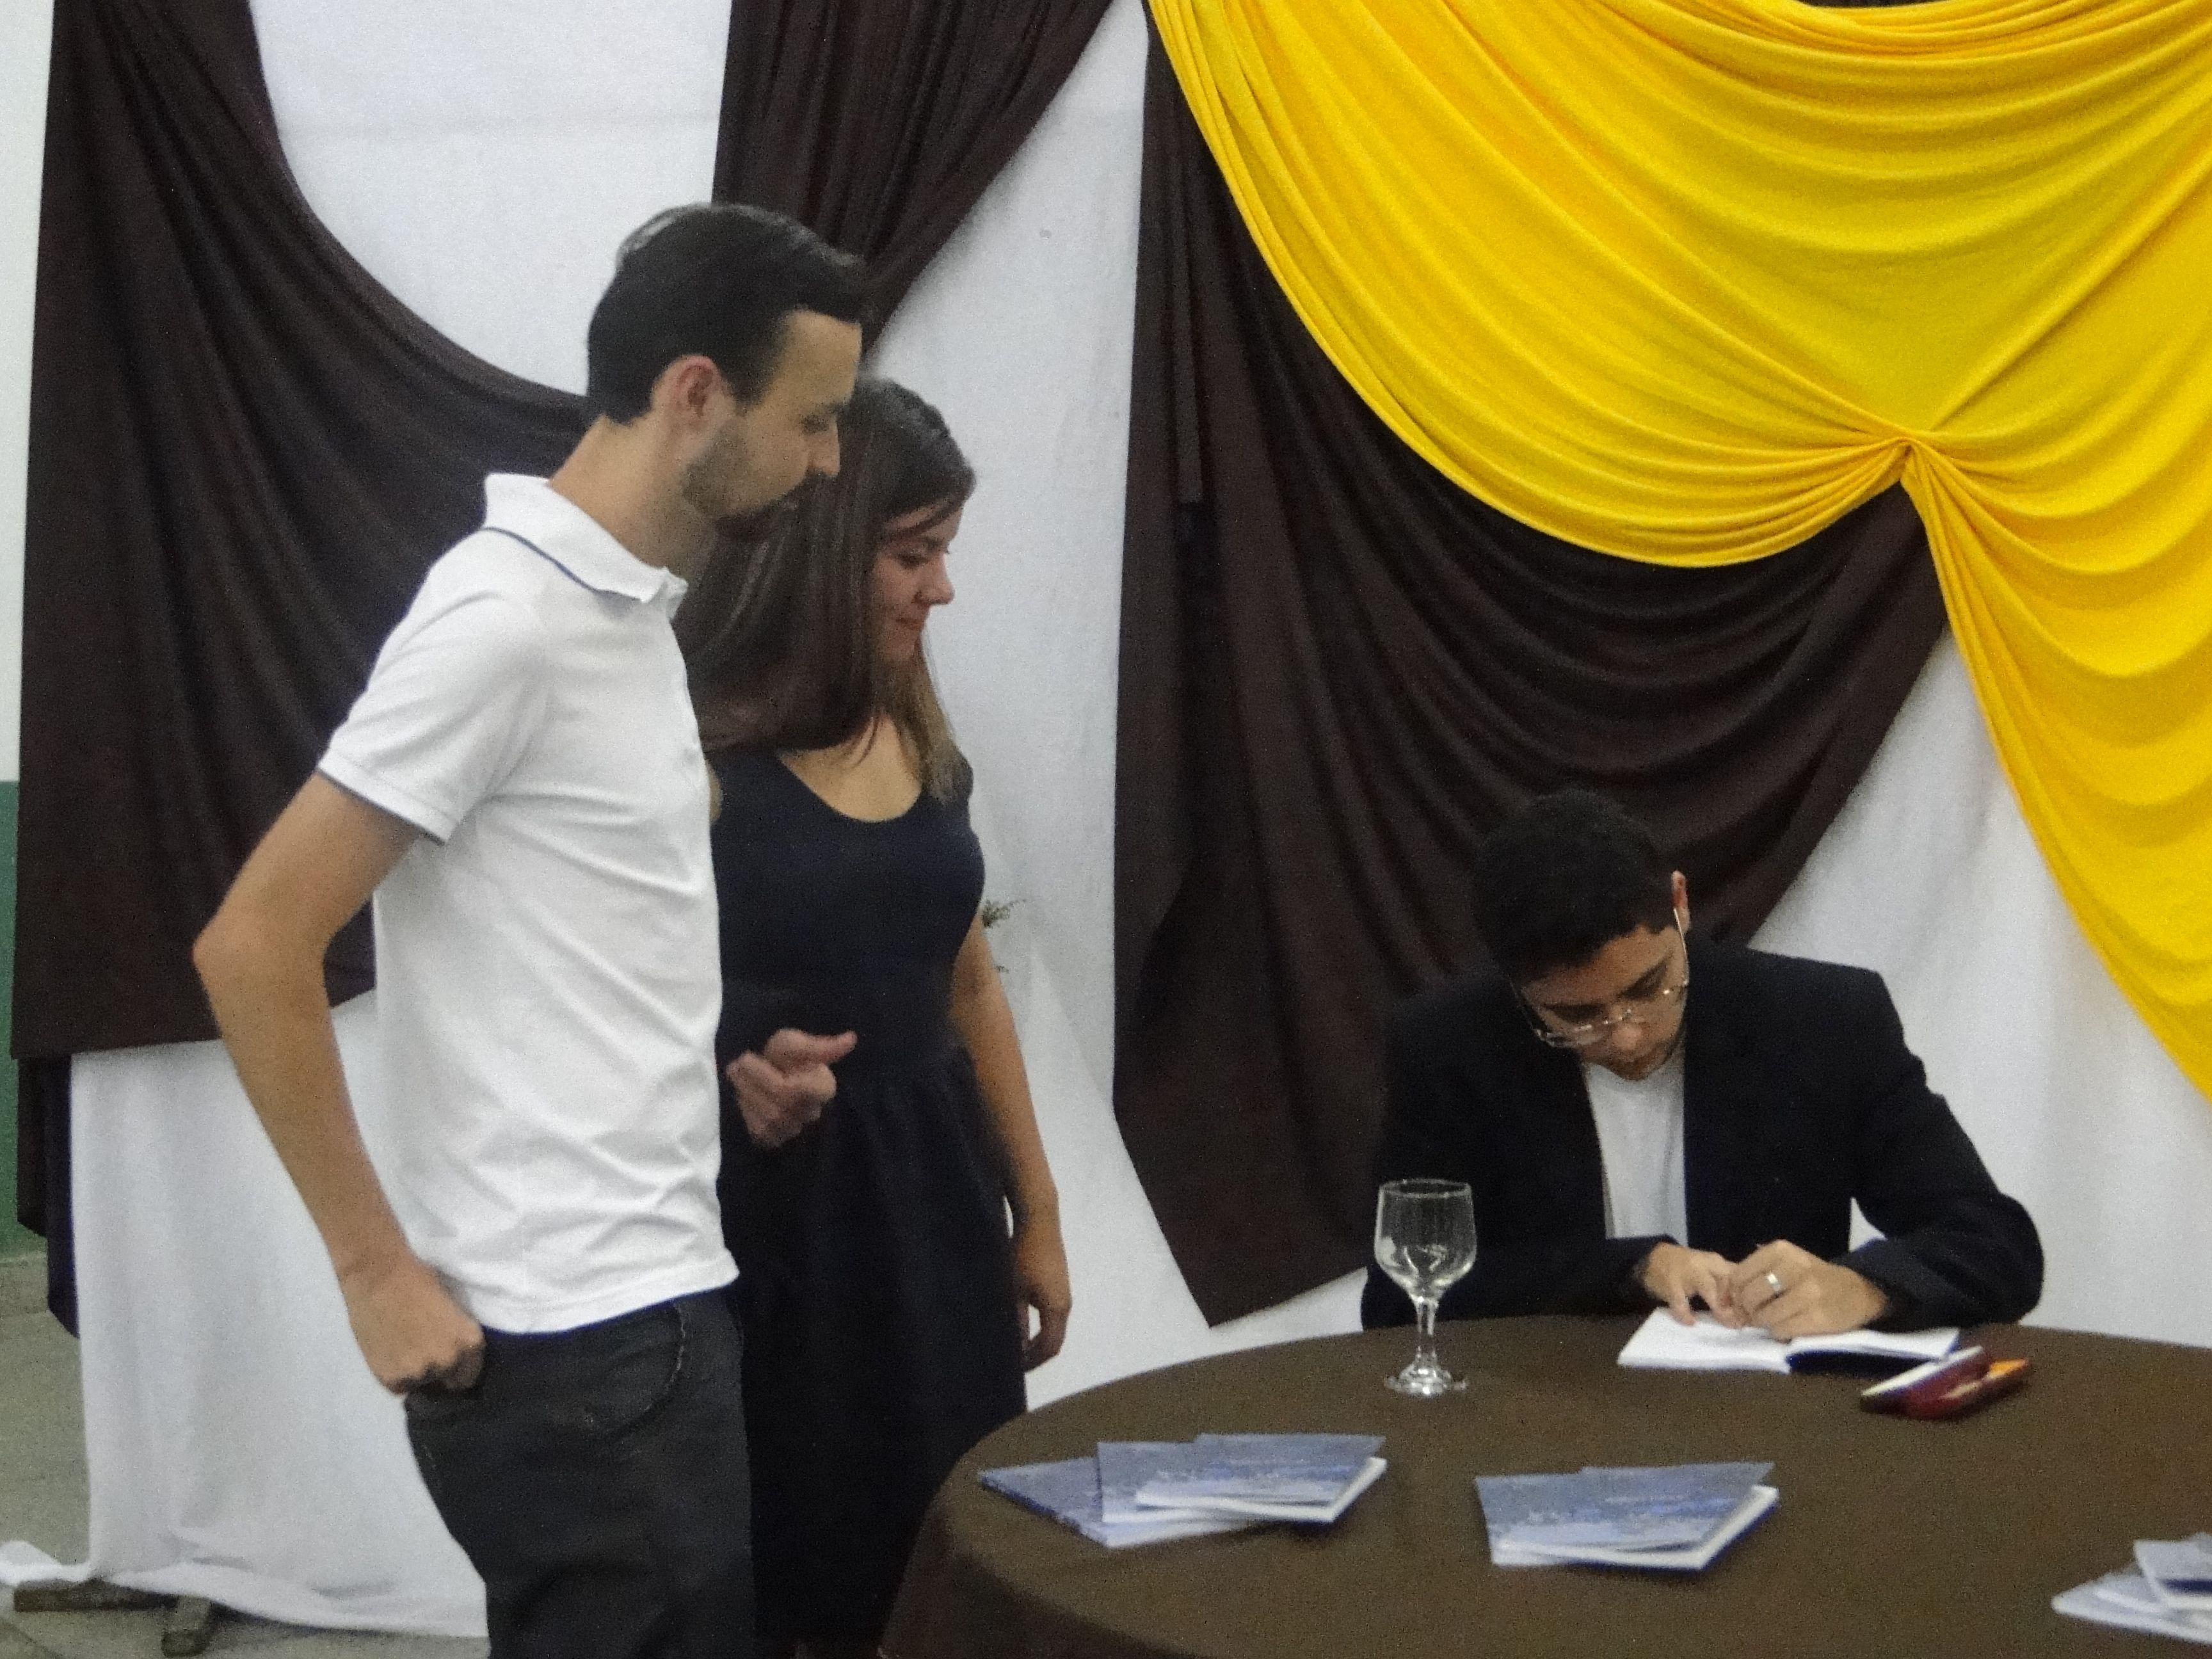 O #escritor #MatheusLCarvalho autografando seu #livro #OValeDosLobos para os amigos Jéssika e Bruno.